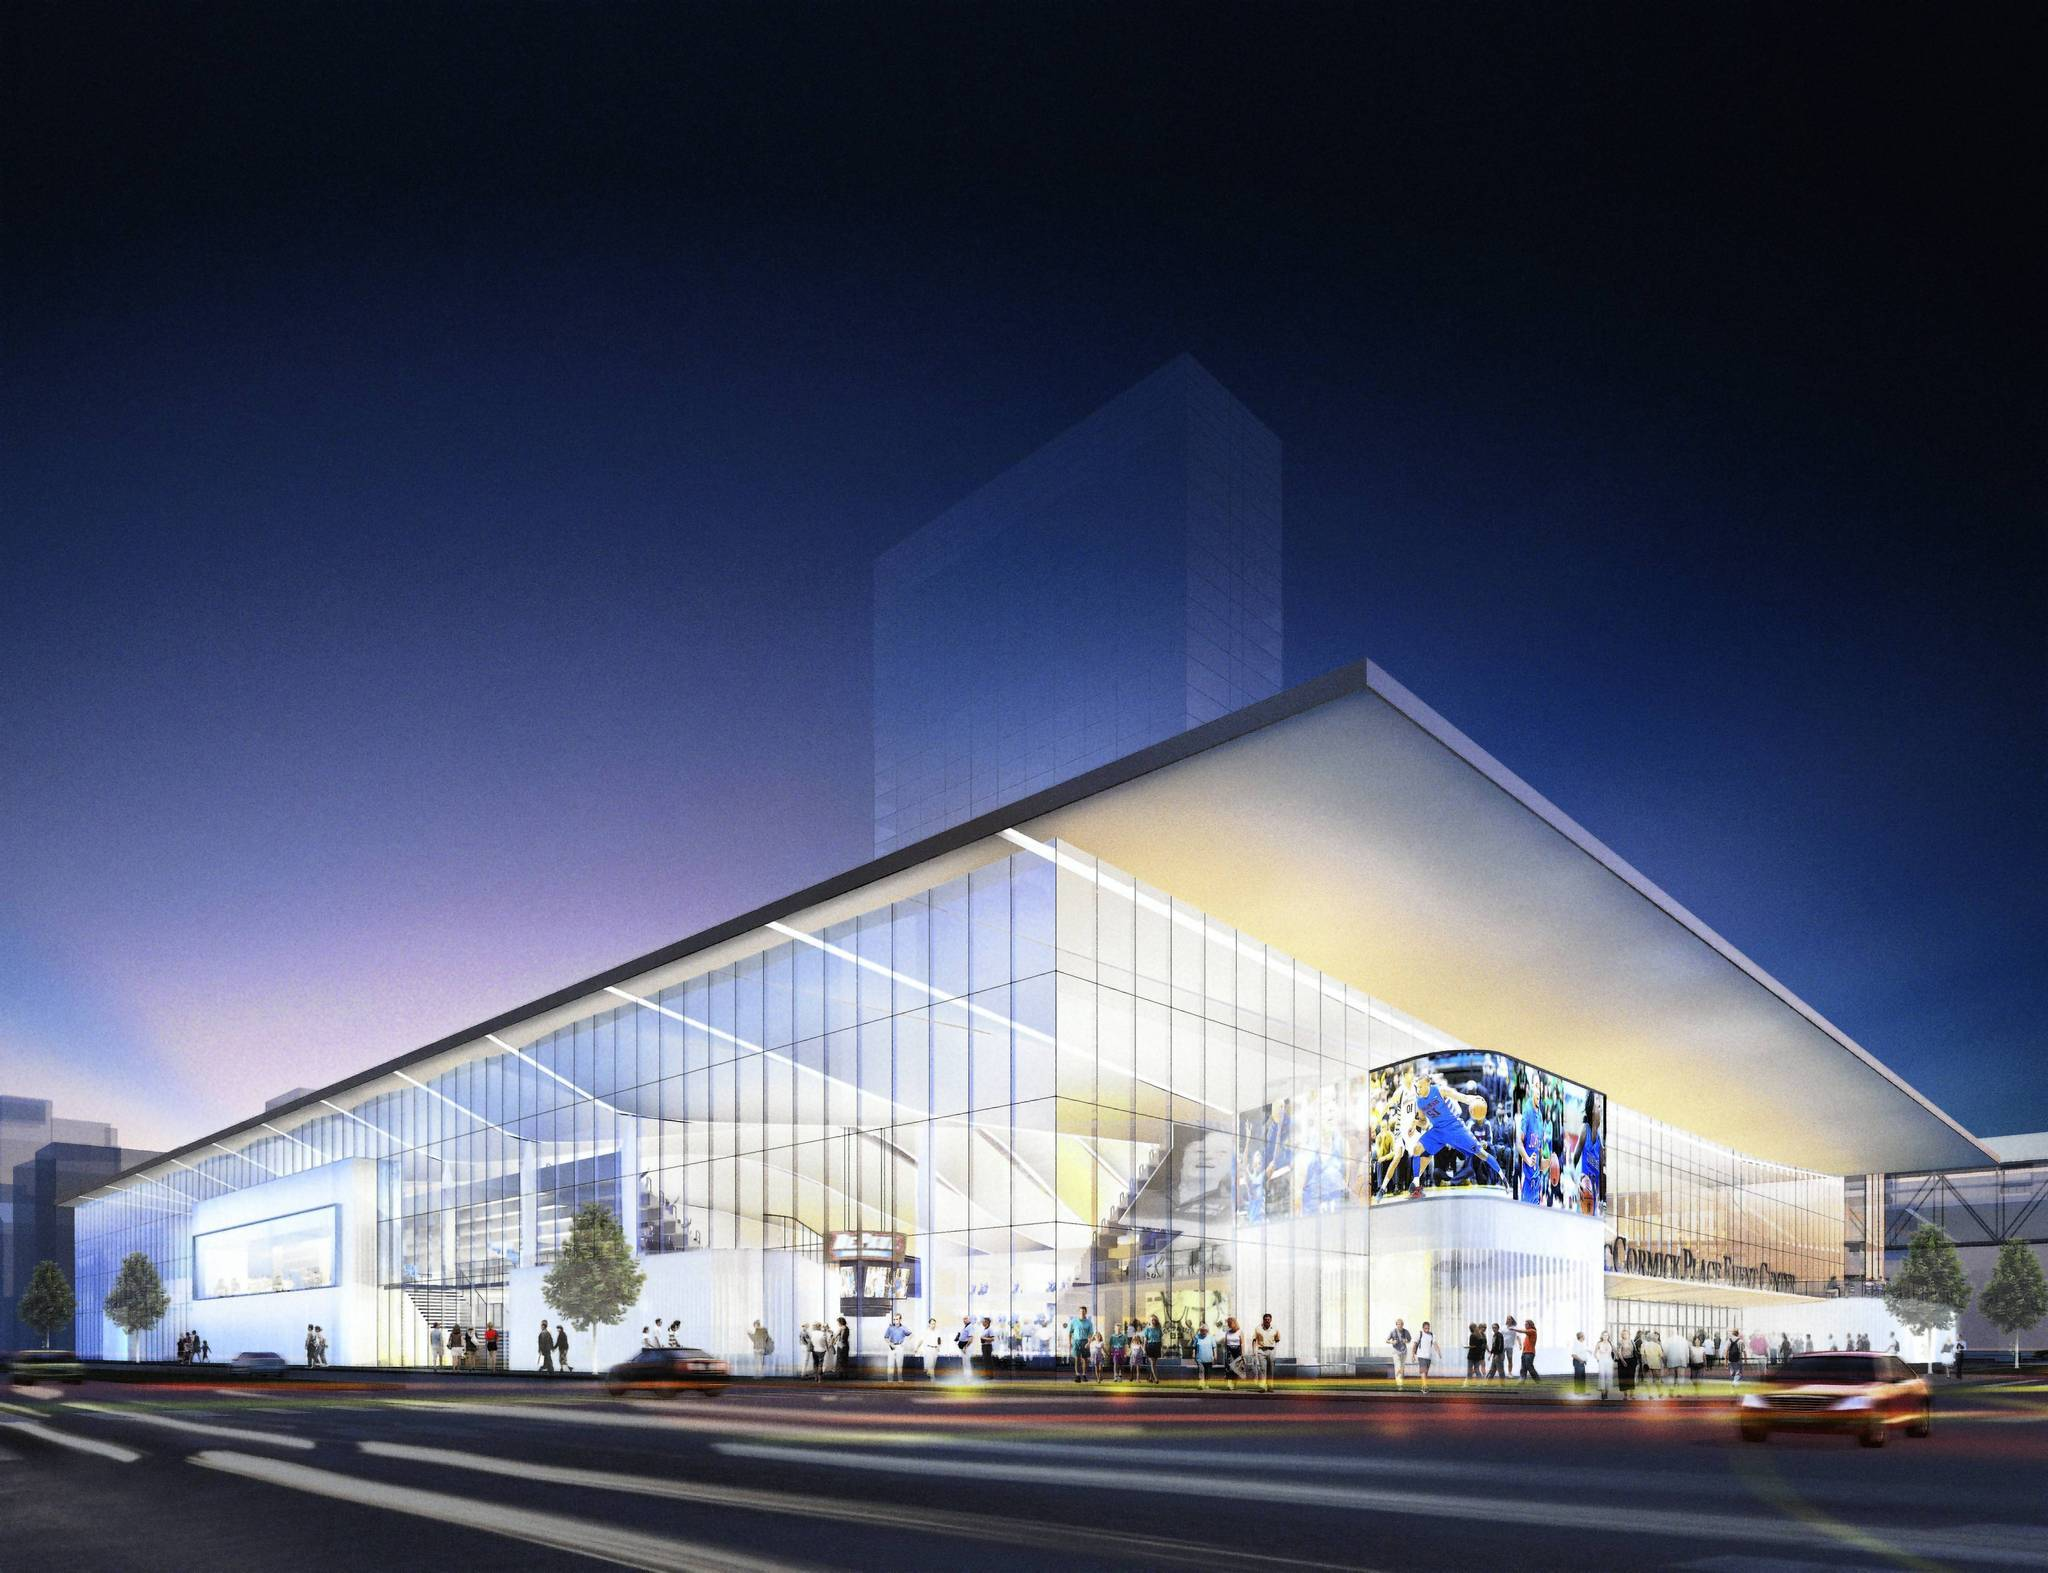 DePaul delays debut of basketball arena